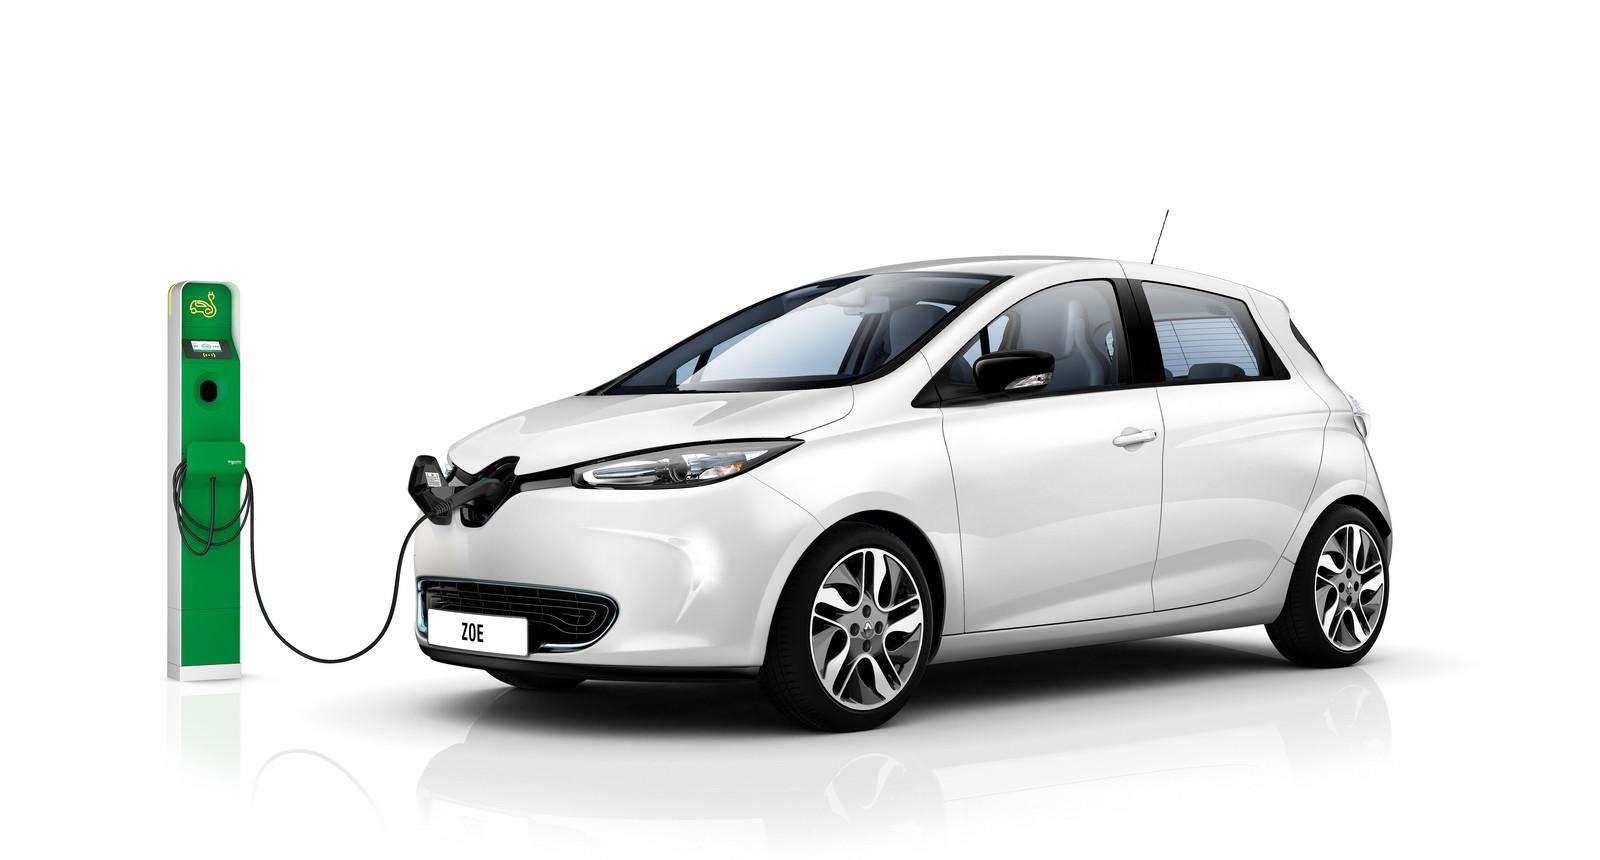 Renault Zoe - Circula Seguro